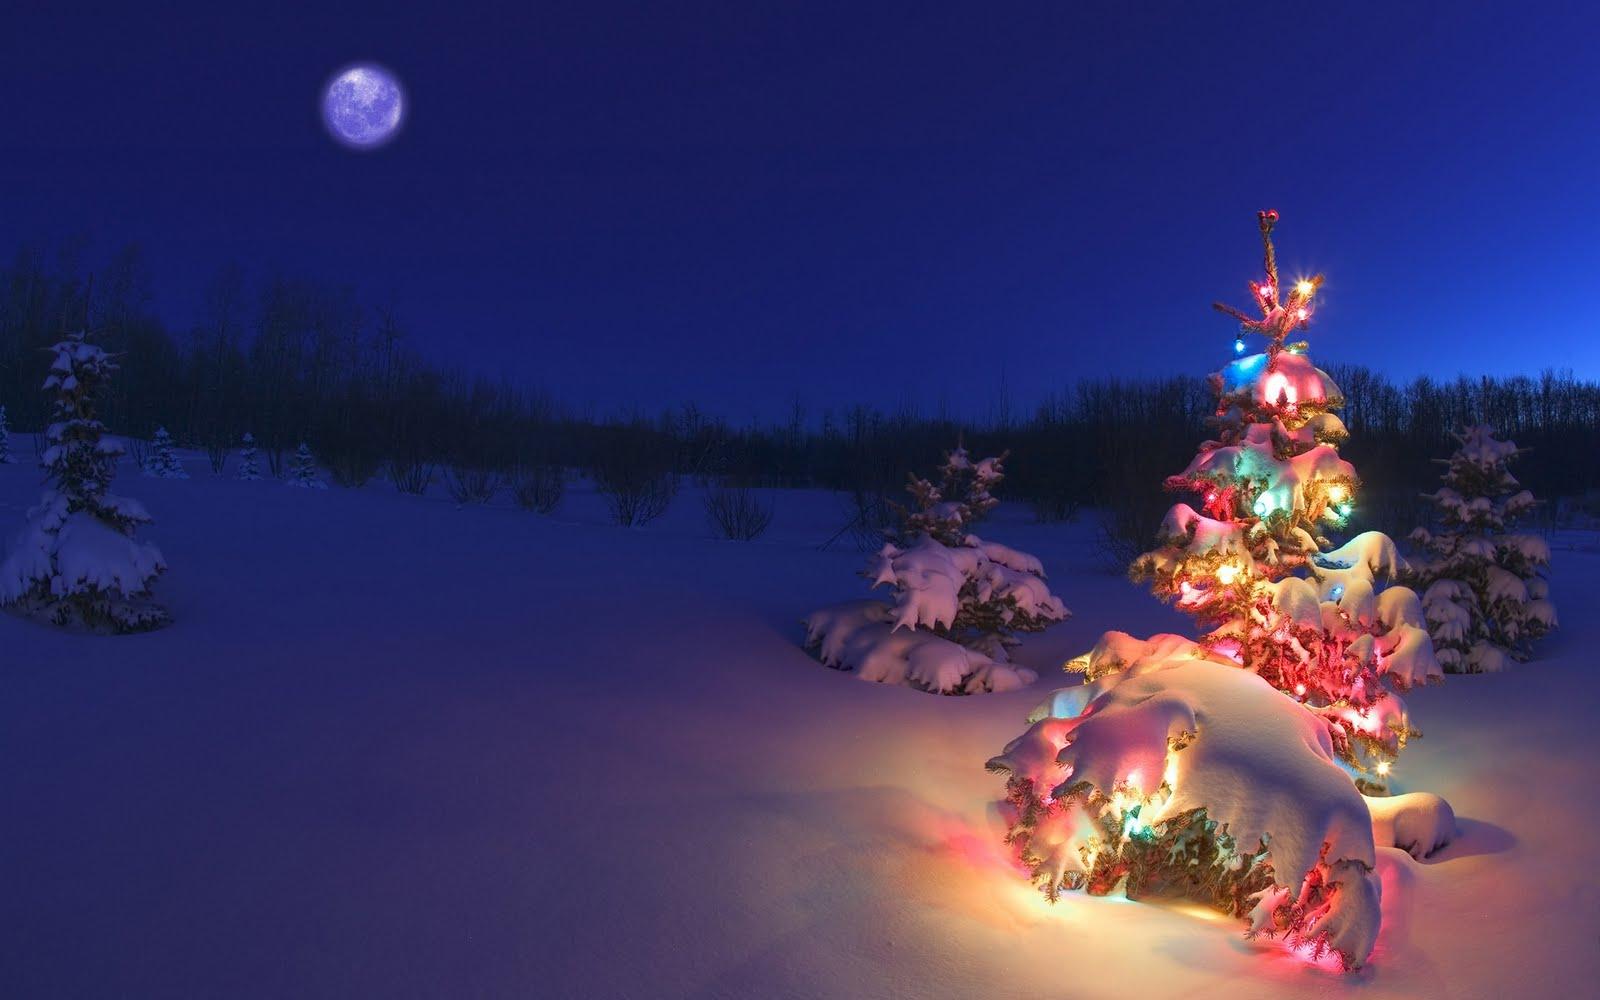 imagenes de animales de navidad - Imagenes graciosas para Navidad con Animales (4